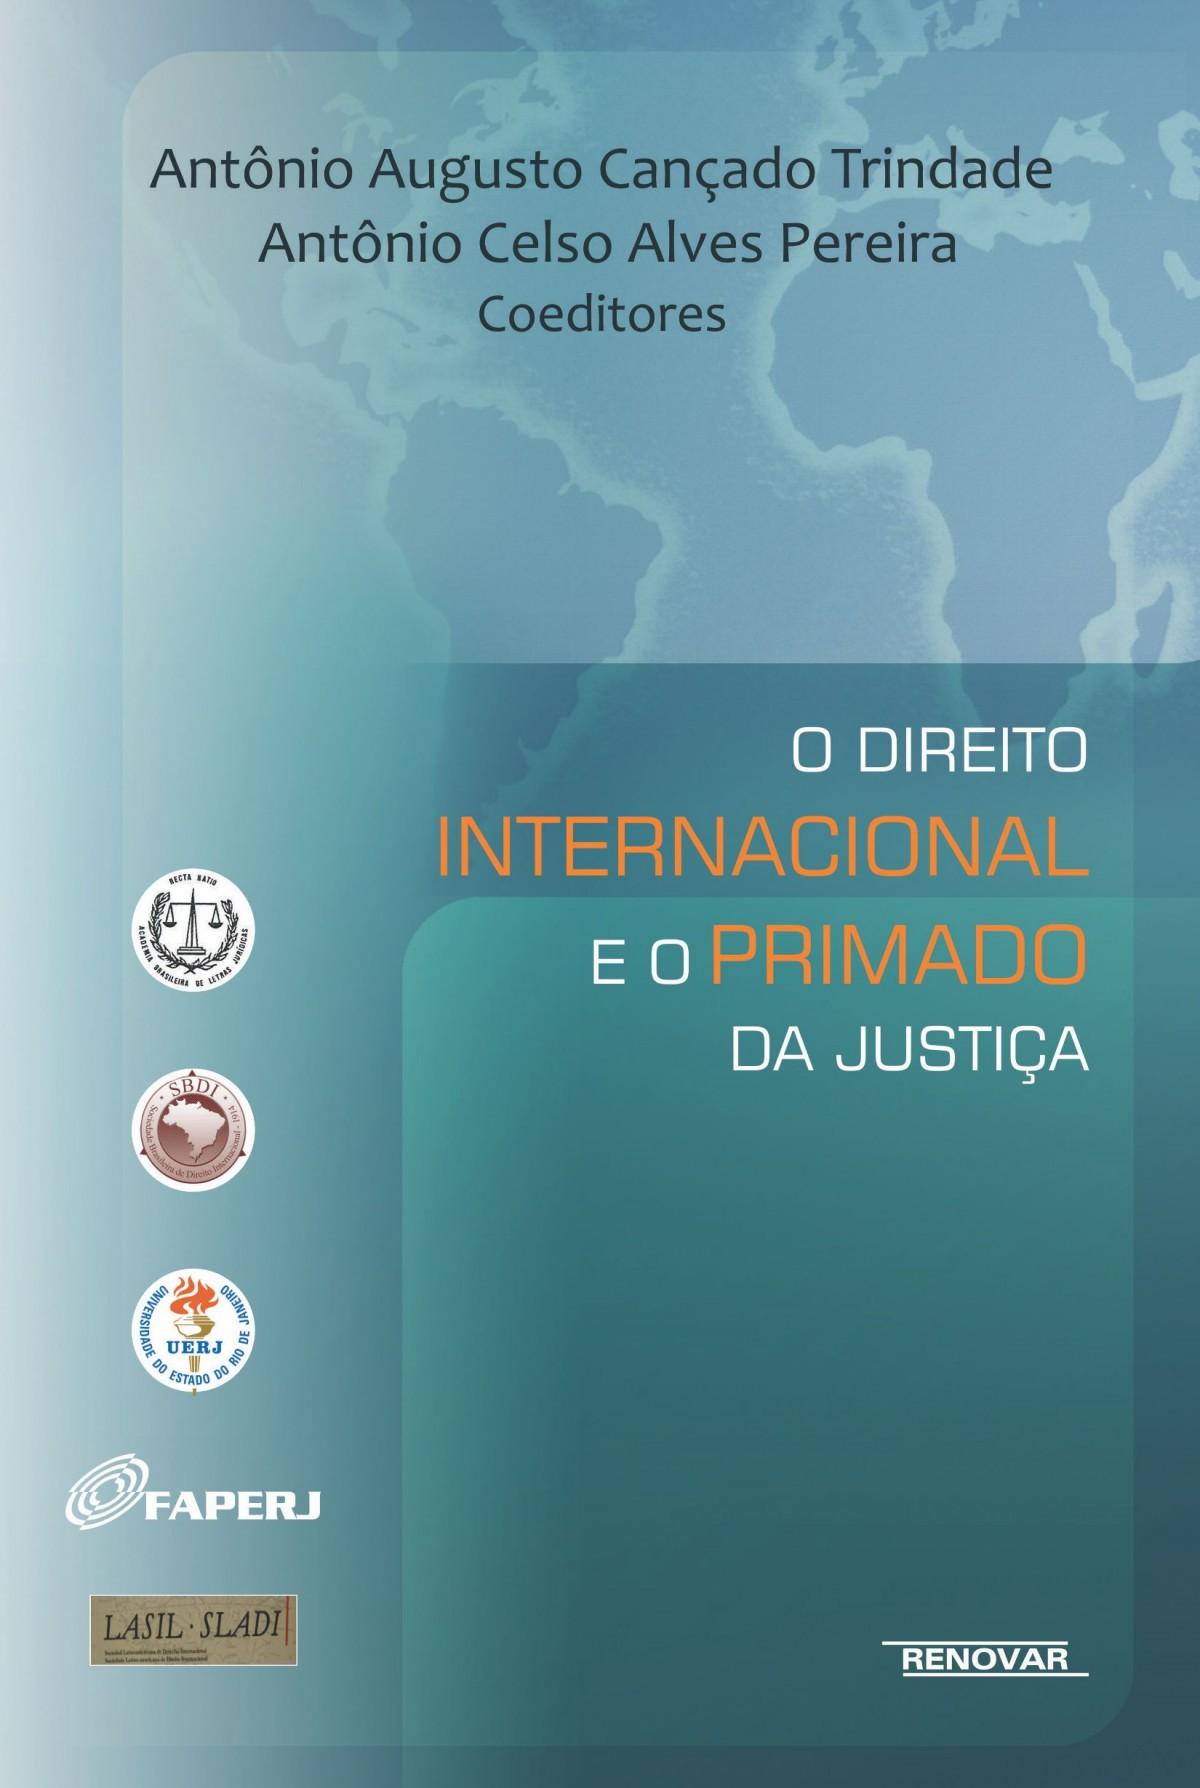 Foto 1 - O Direito Internacional e o Primado da Justiça